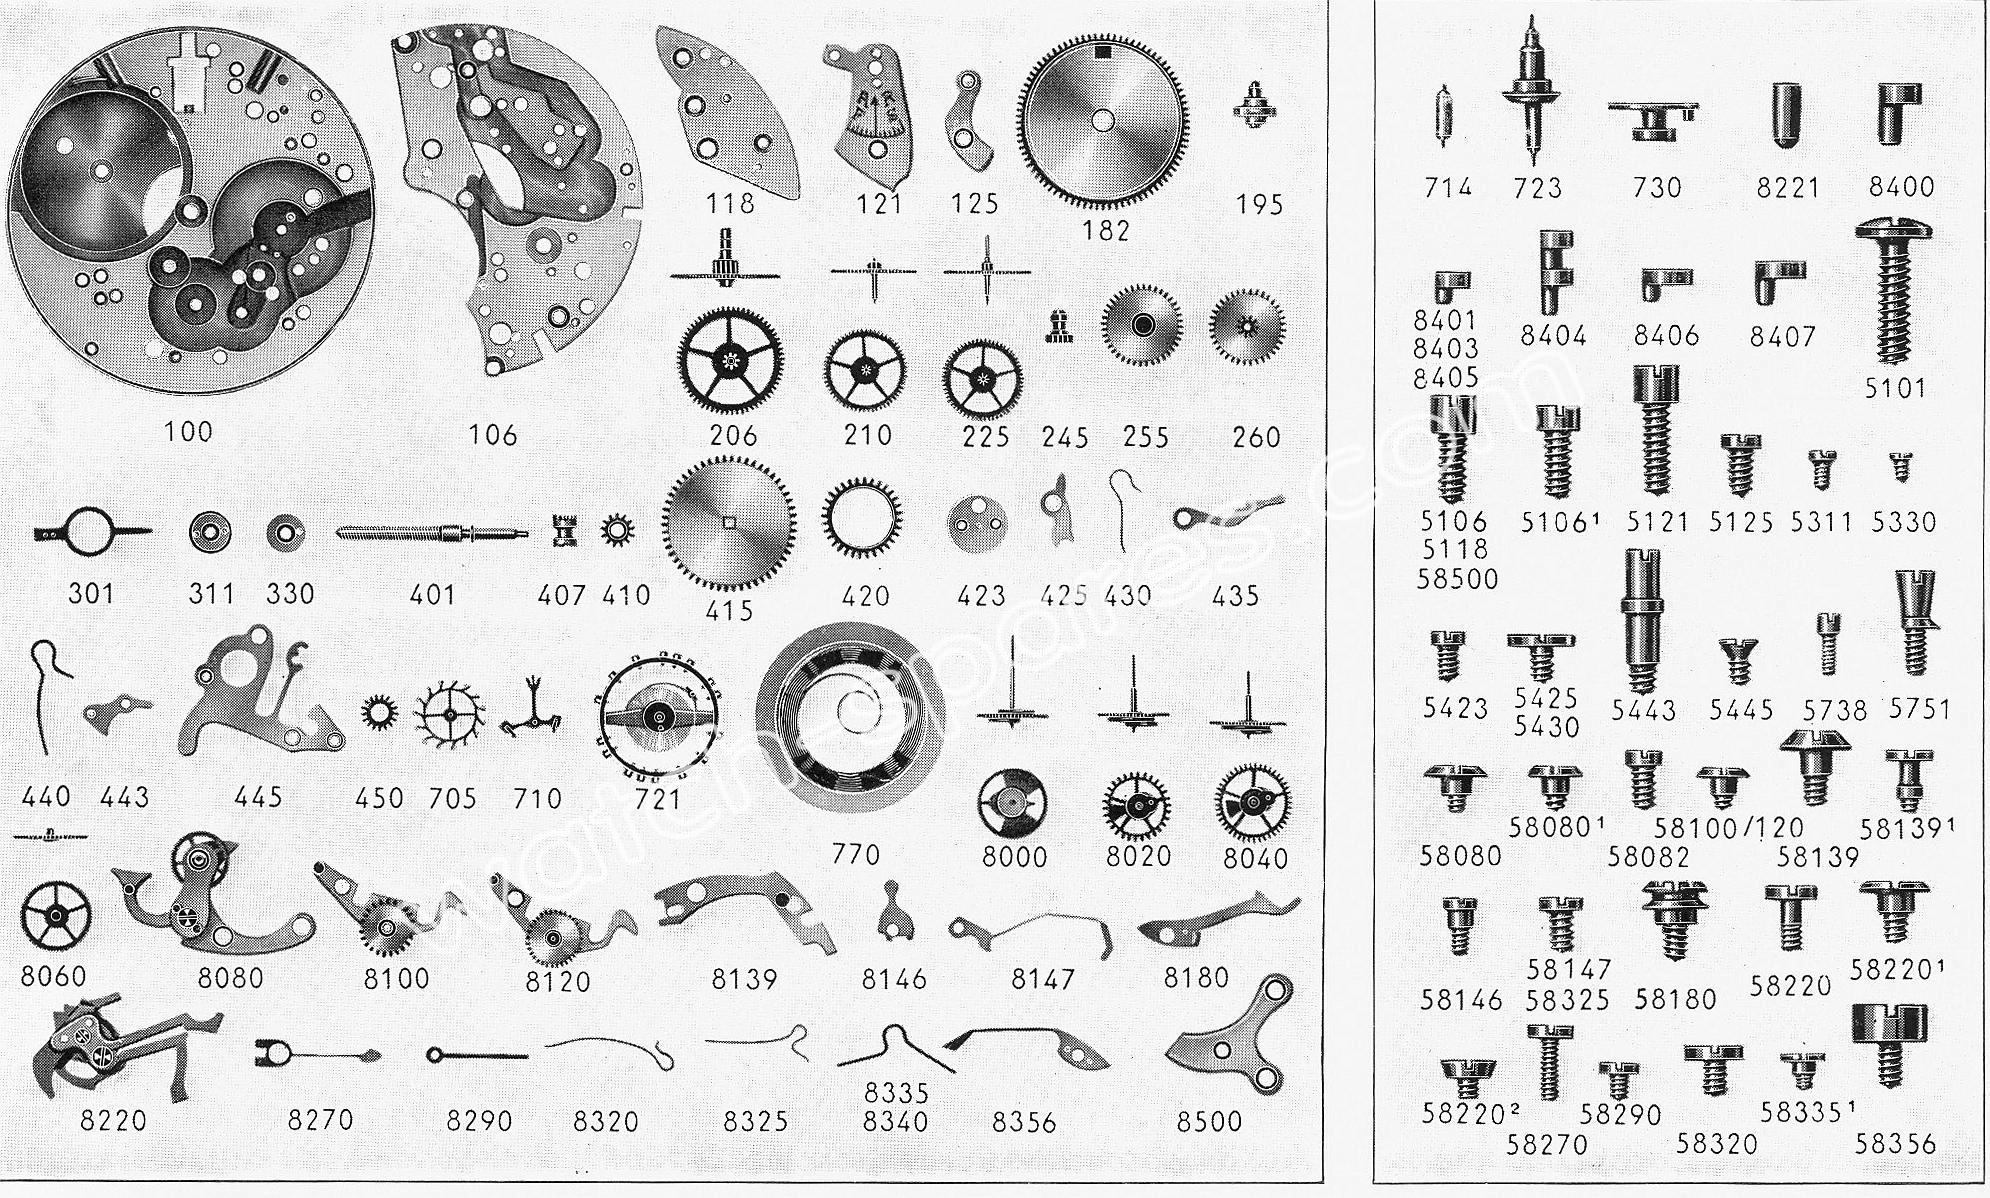 Landeron 186 watch chronograph spare parts